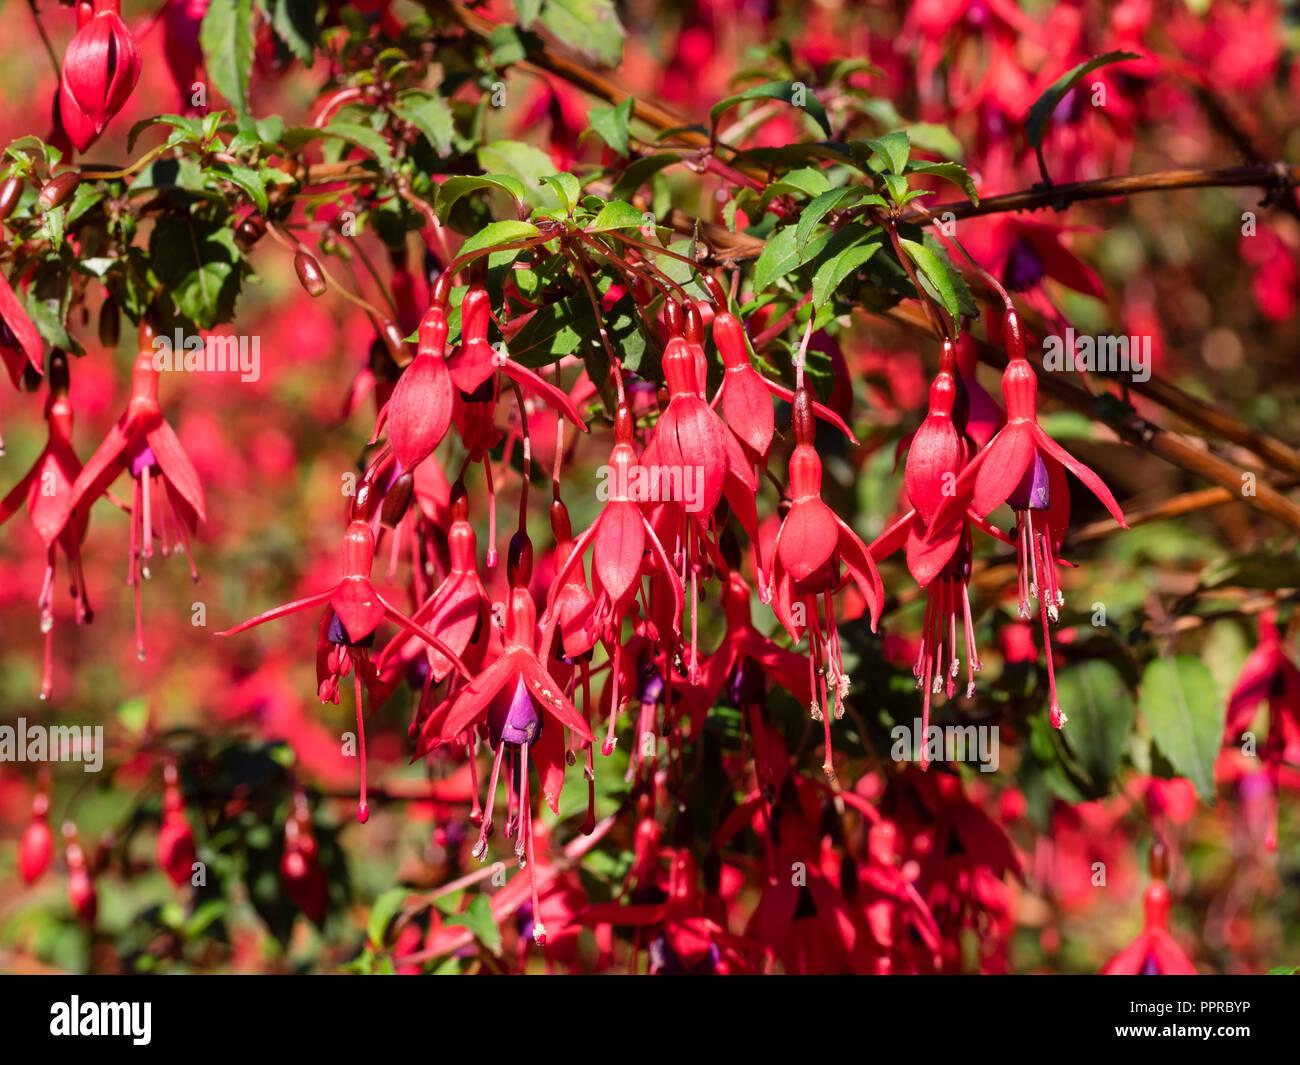 Red Flowered Purple Skirted Woody Semi Evergreen Shrub Fuchsia